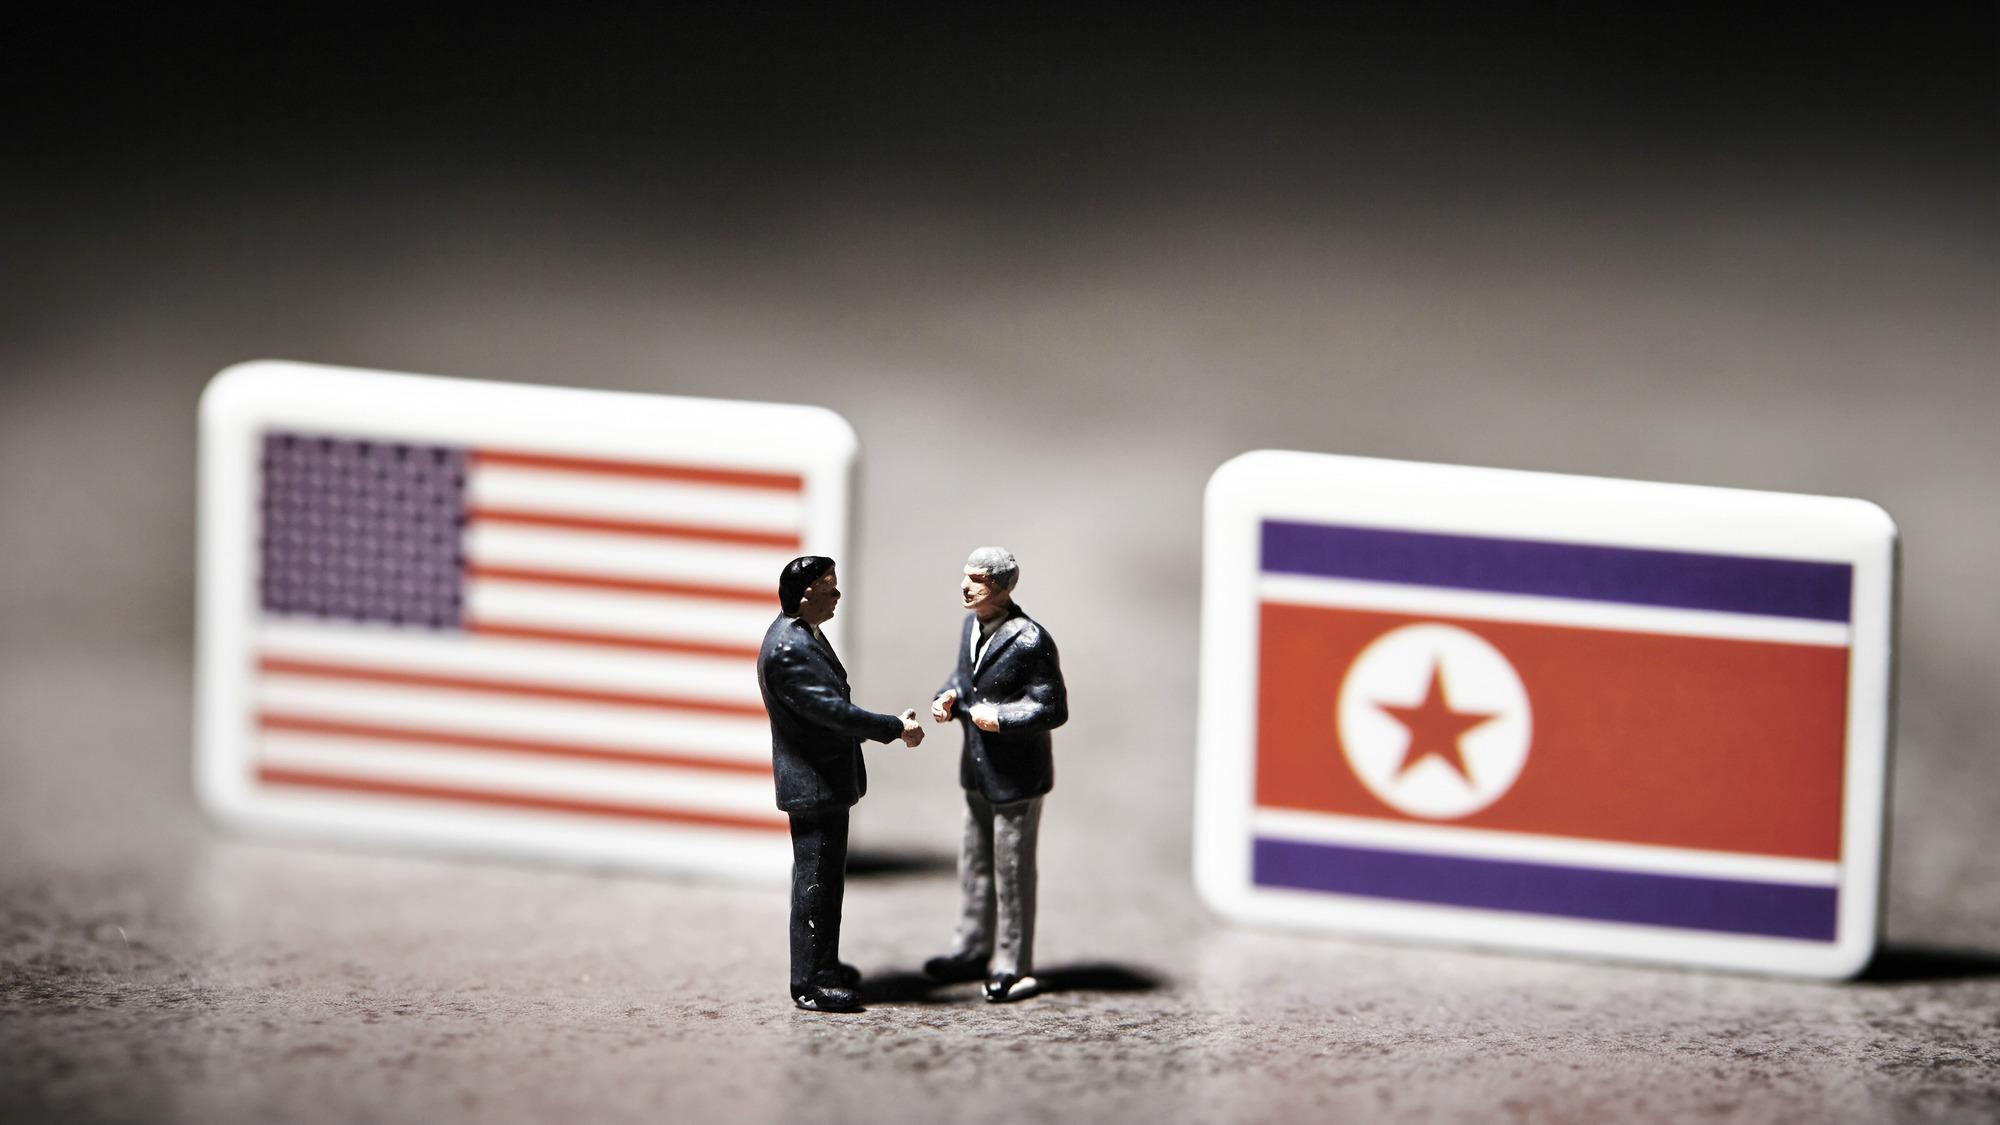 米朝会議決裂で混迷続く…令和時代に北朝鮮リスクはどうなる?